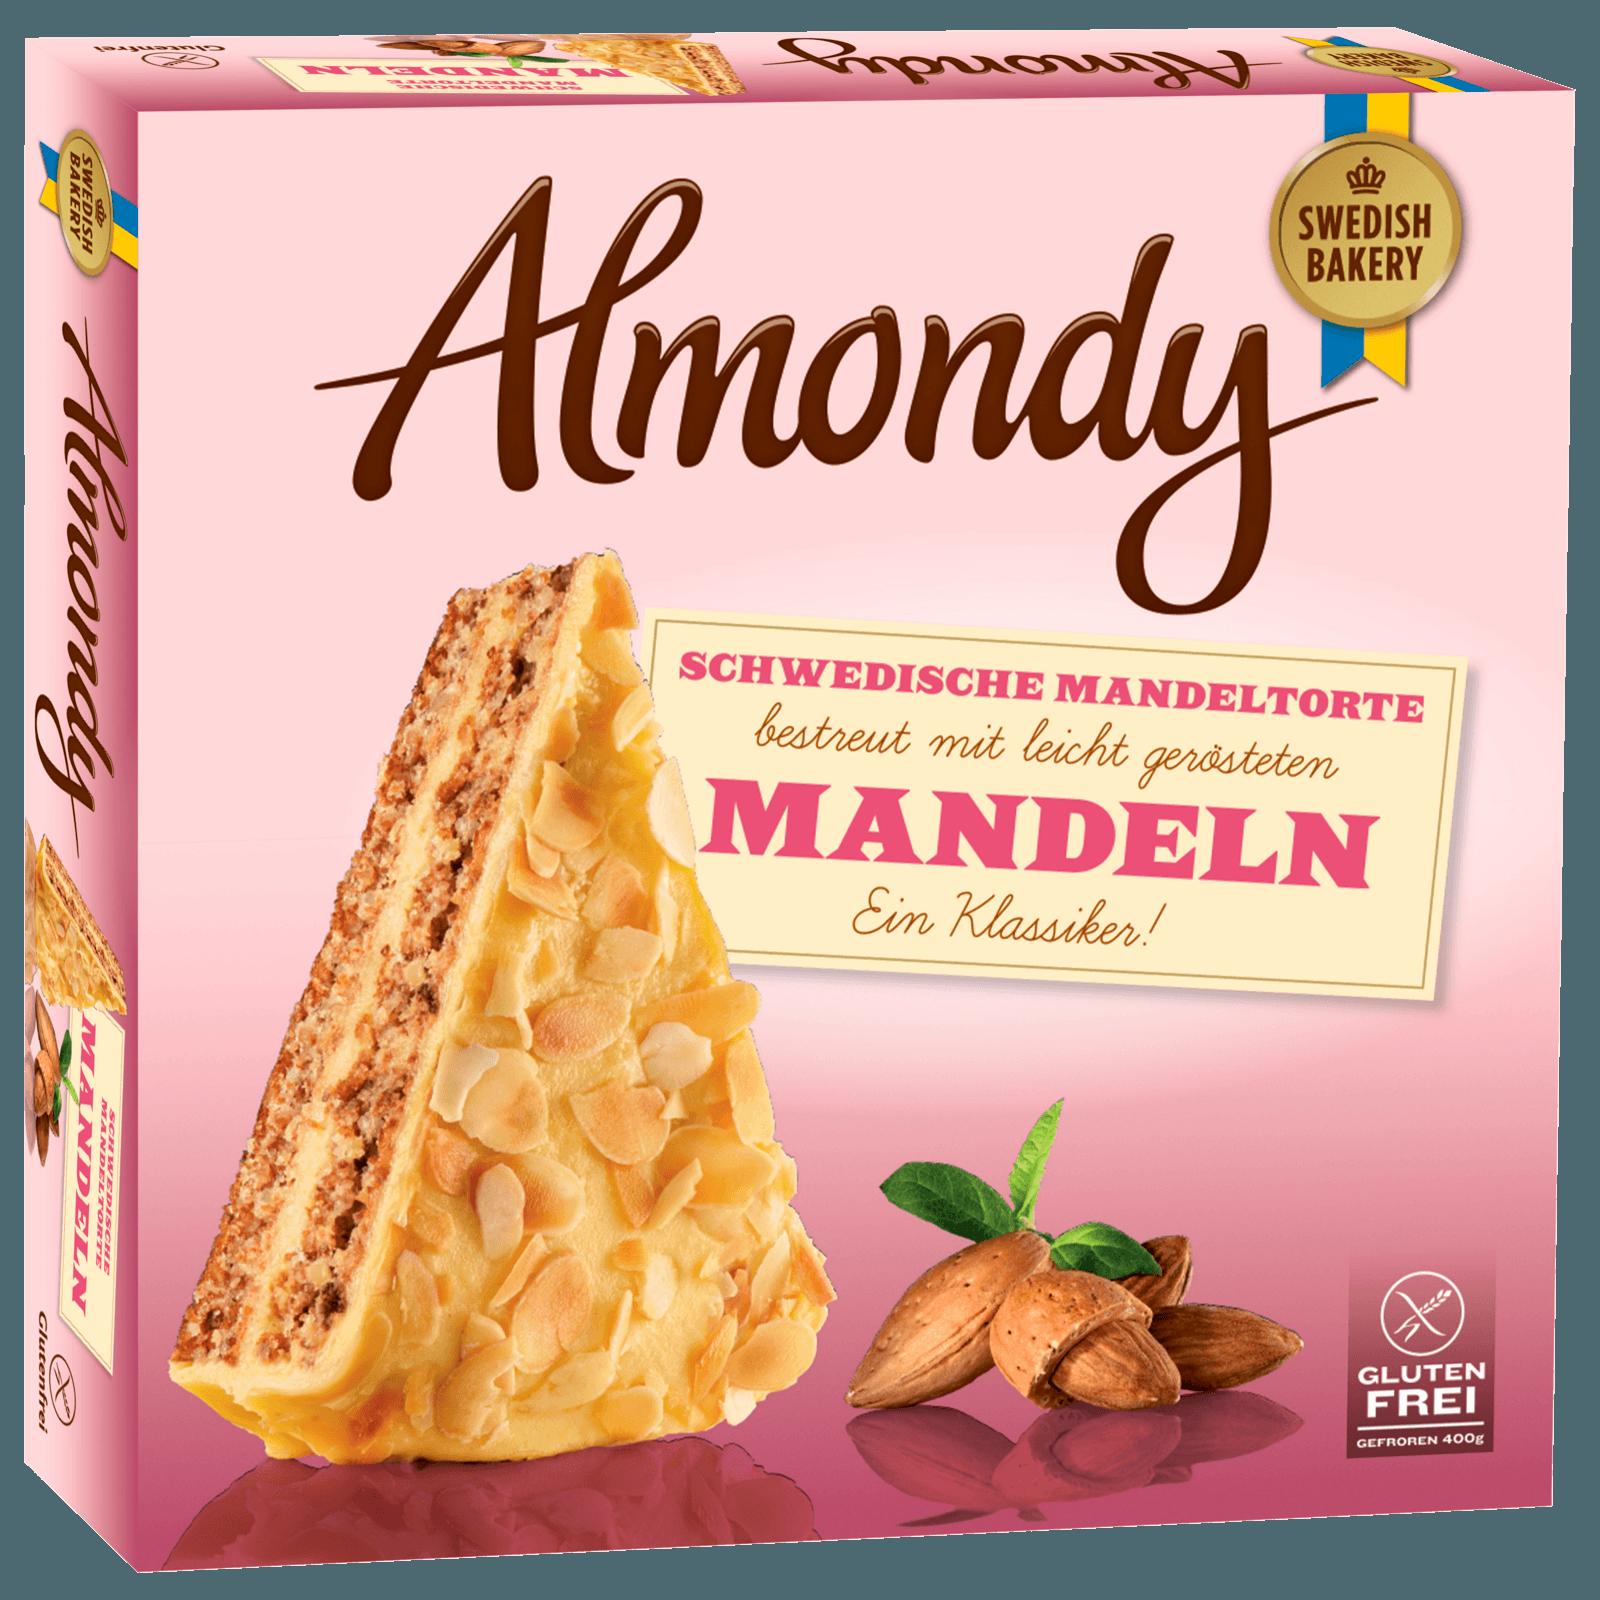 Almondy Schwedische Mandeltorte 400g Bei Rewe Online Bestellen